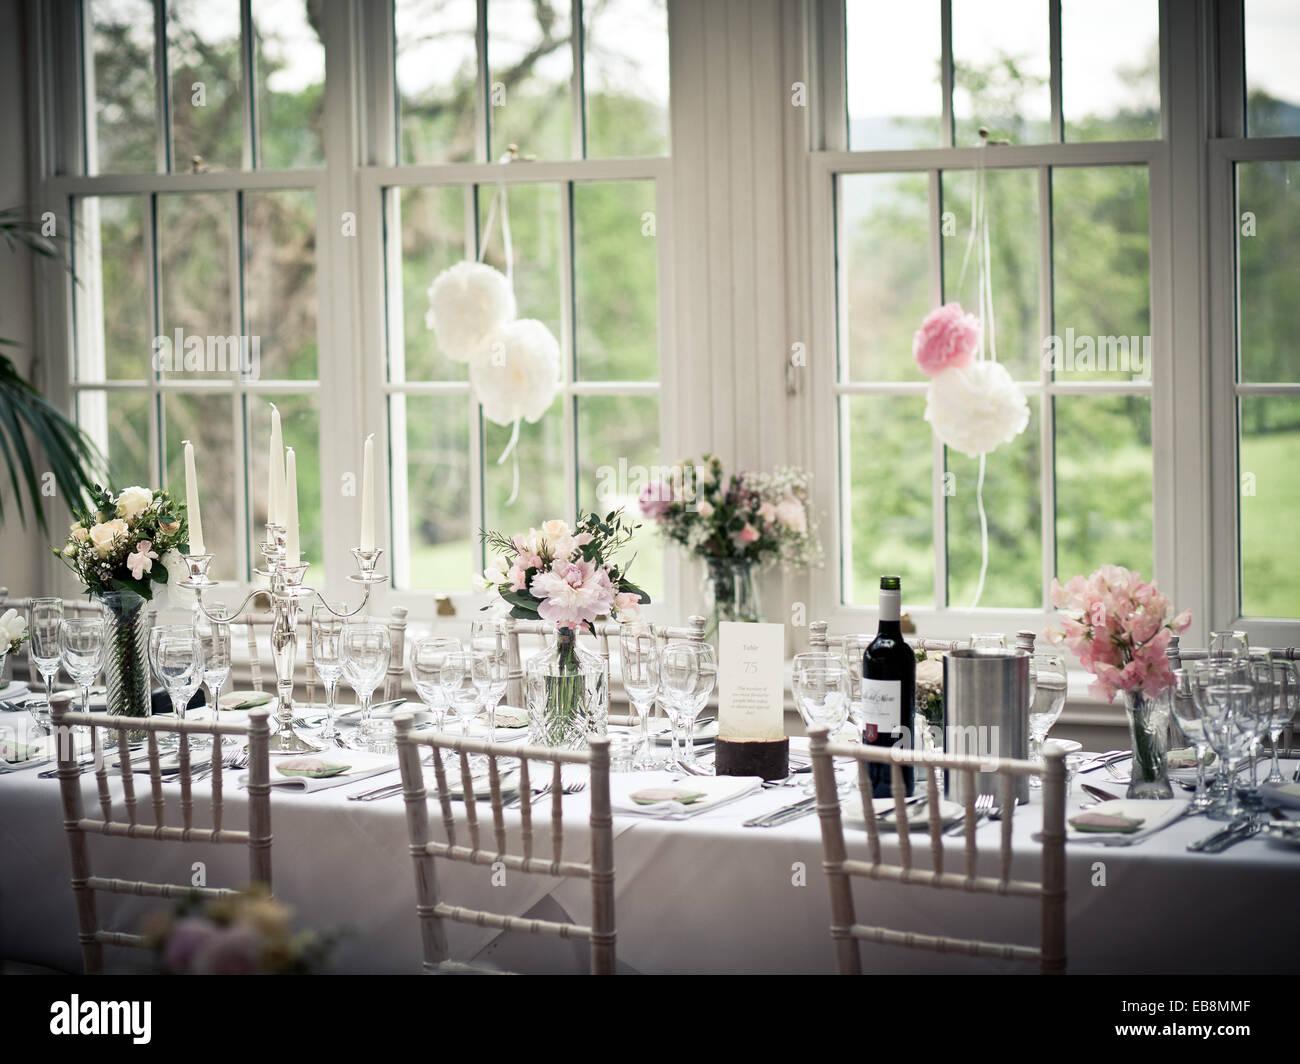 Hochzeitsfrühstück oberen Tabelleneinstellungen mit Blumen und Wein Stockbild